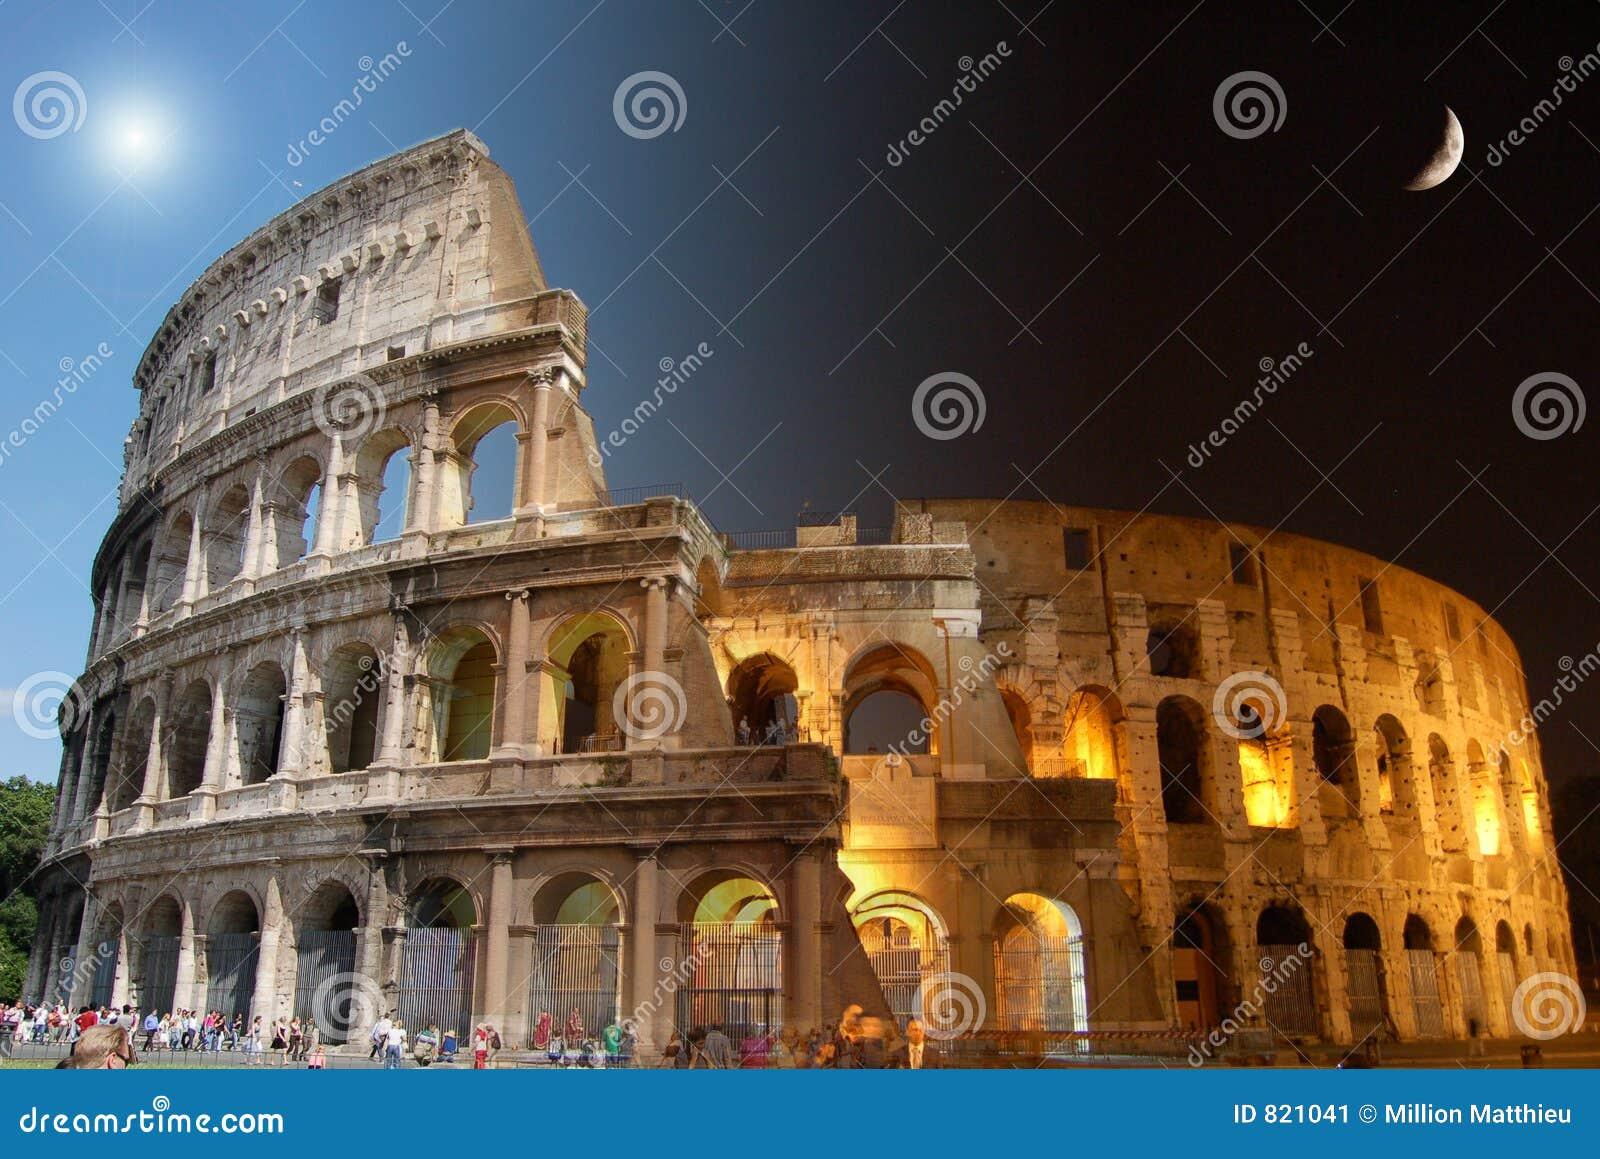 Colosseum, dia e noite